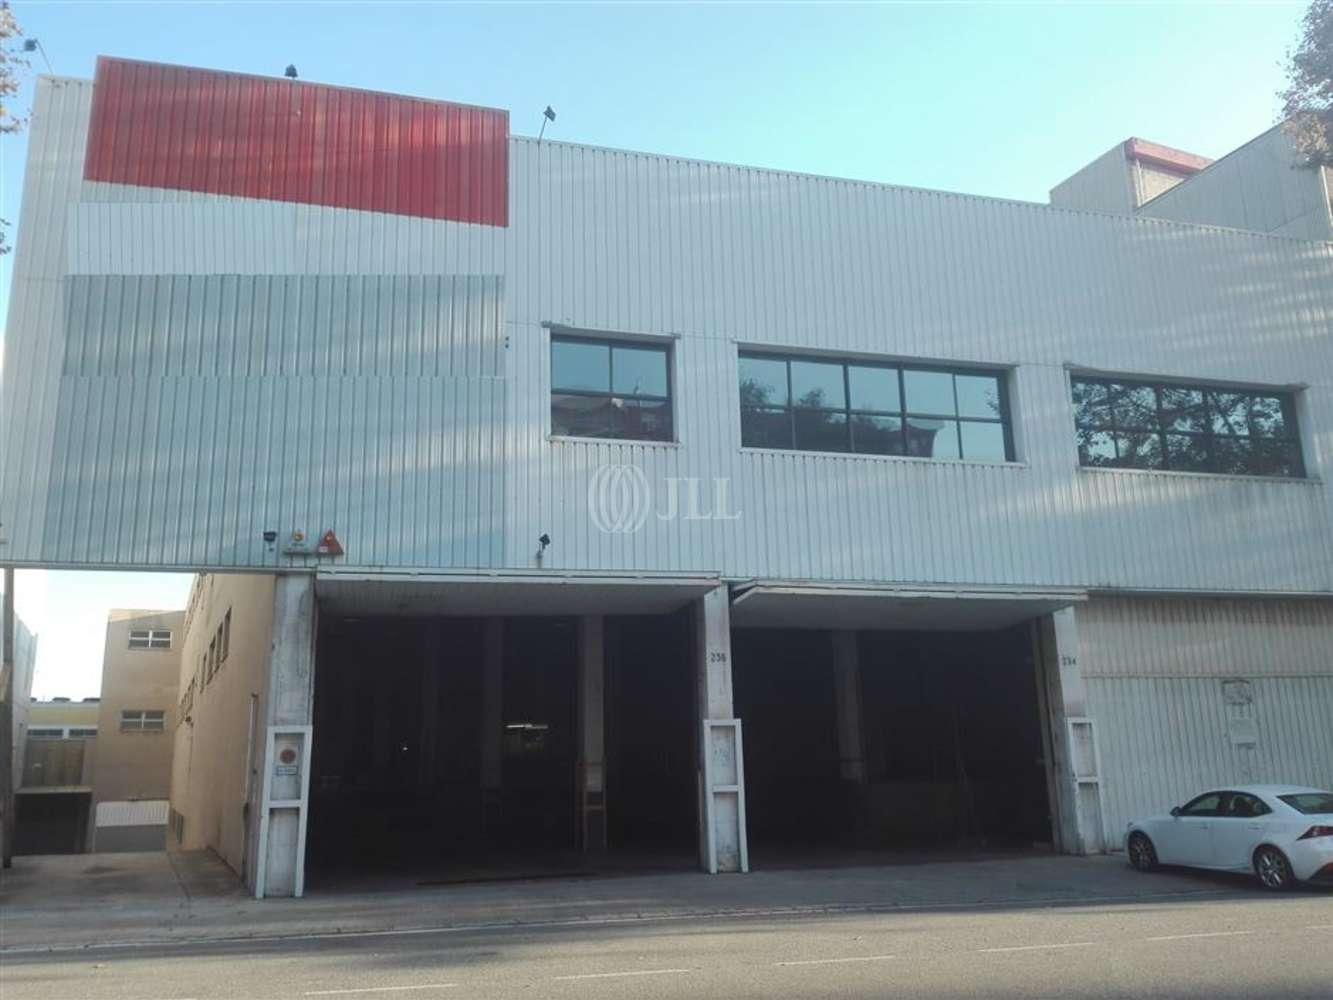 Naves industriales y logísticas Barcelona, 08020 - Nave Industrial - B0378 - PI 22